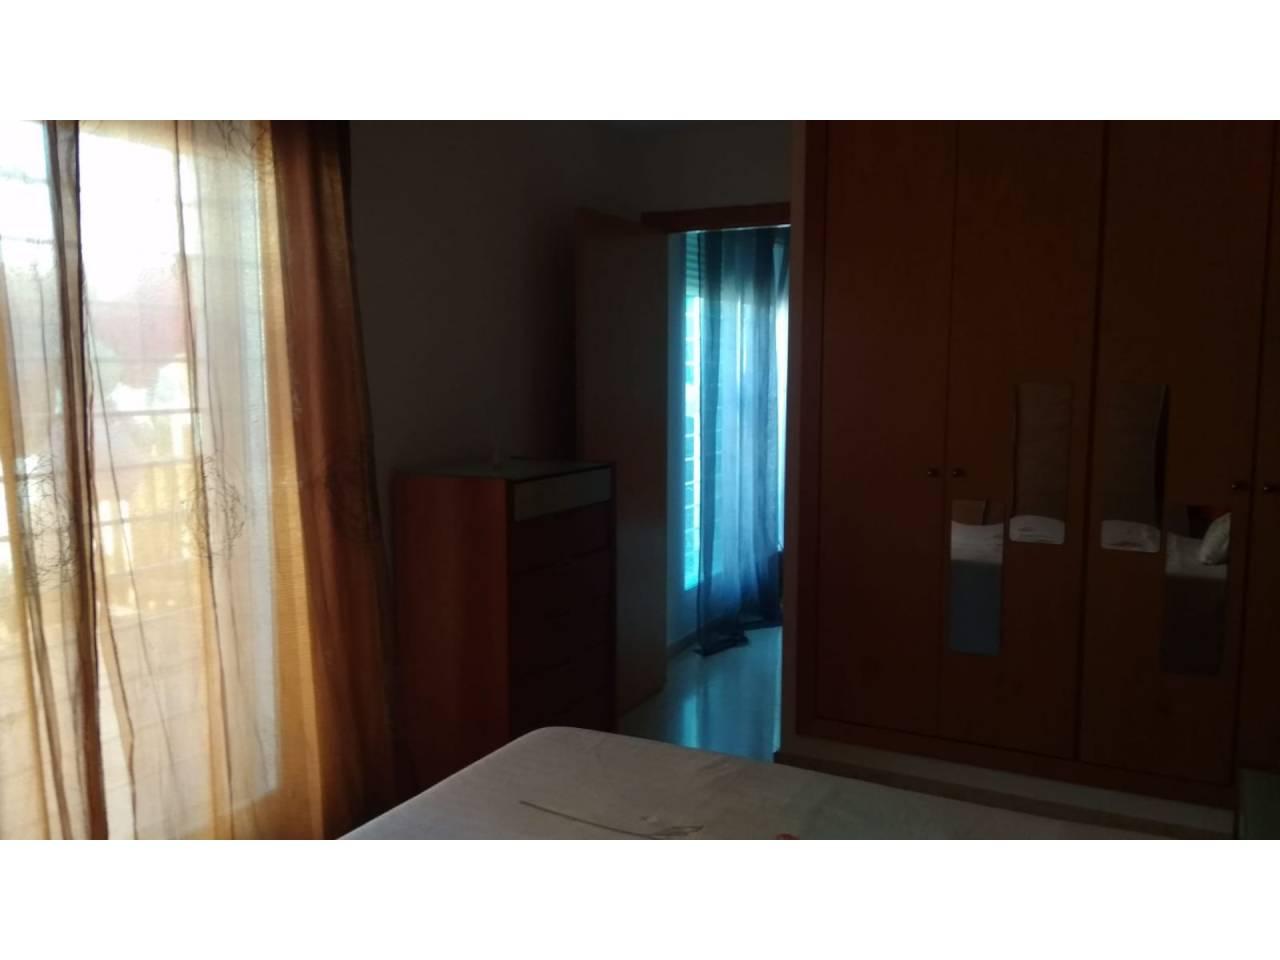 Location Appartement  Montserrat. Se alquila estupendo atico de 3 hab , 1 baño,cocina office, saló